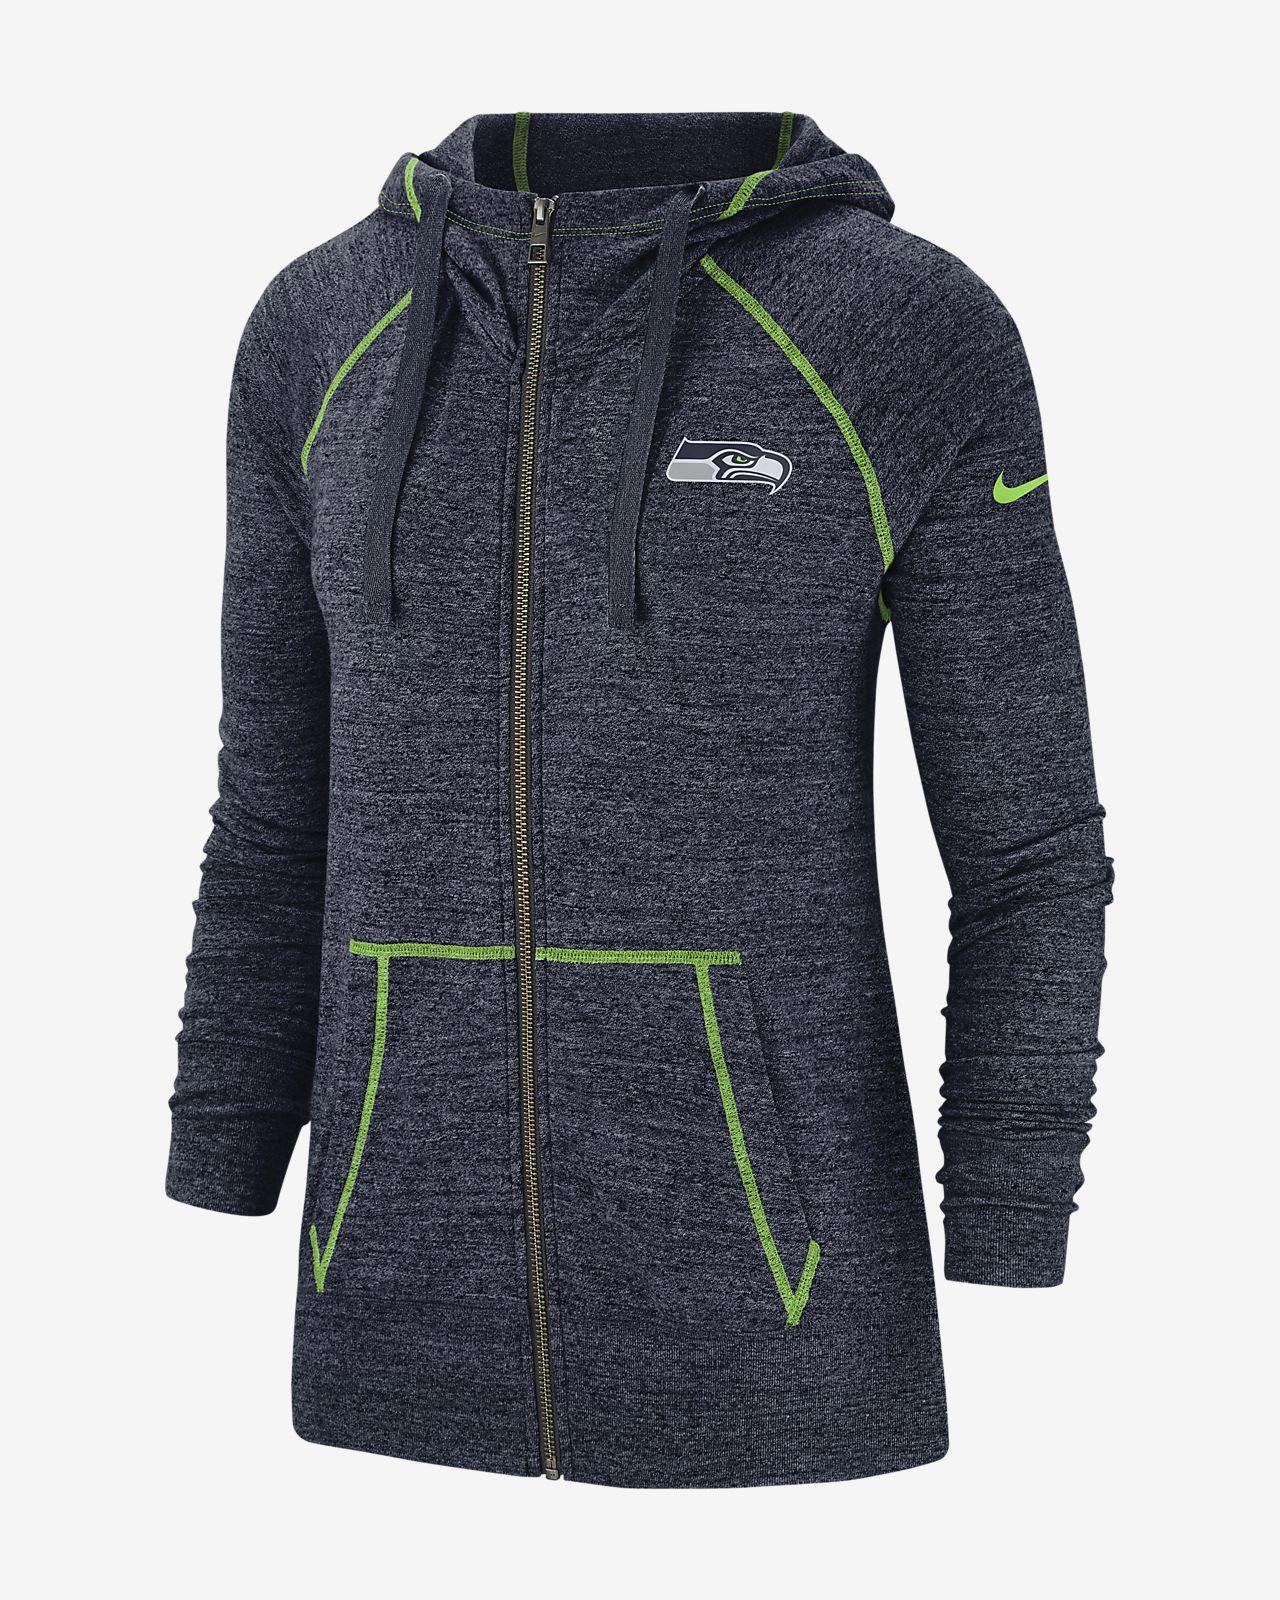 cheaper 68759 251f3 Nike Gym Vintage (NFL Seahawks) Women's Full-Zip Hoodie